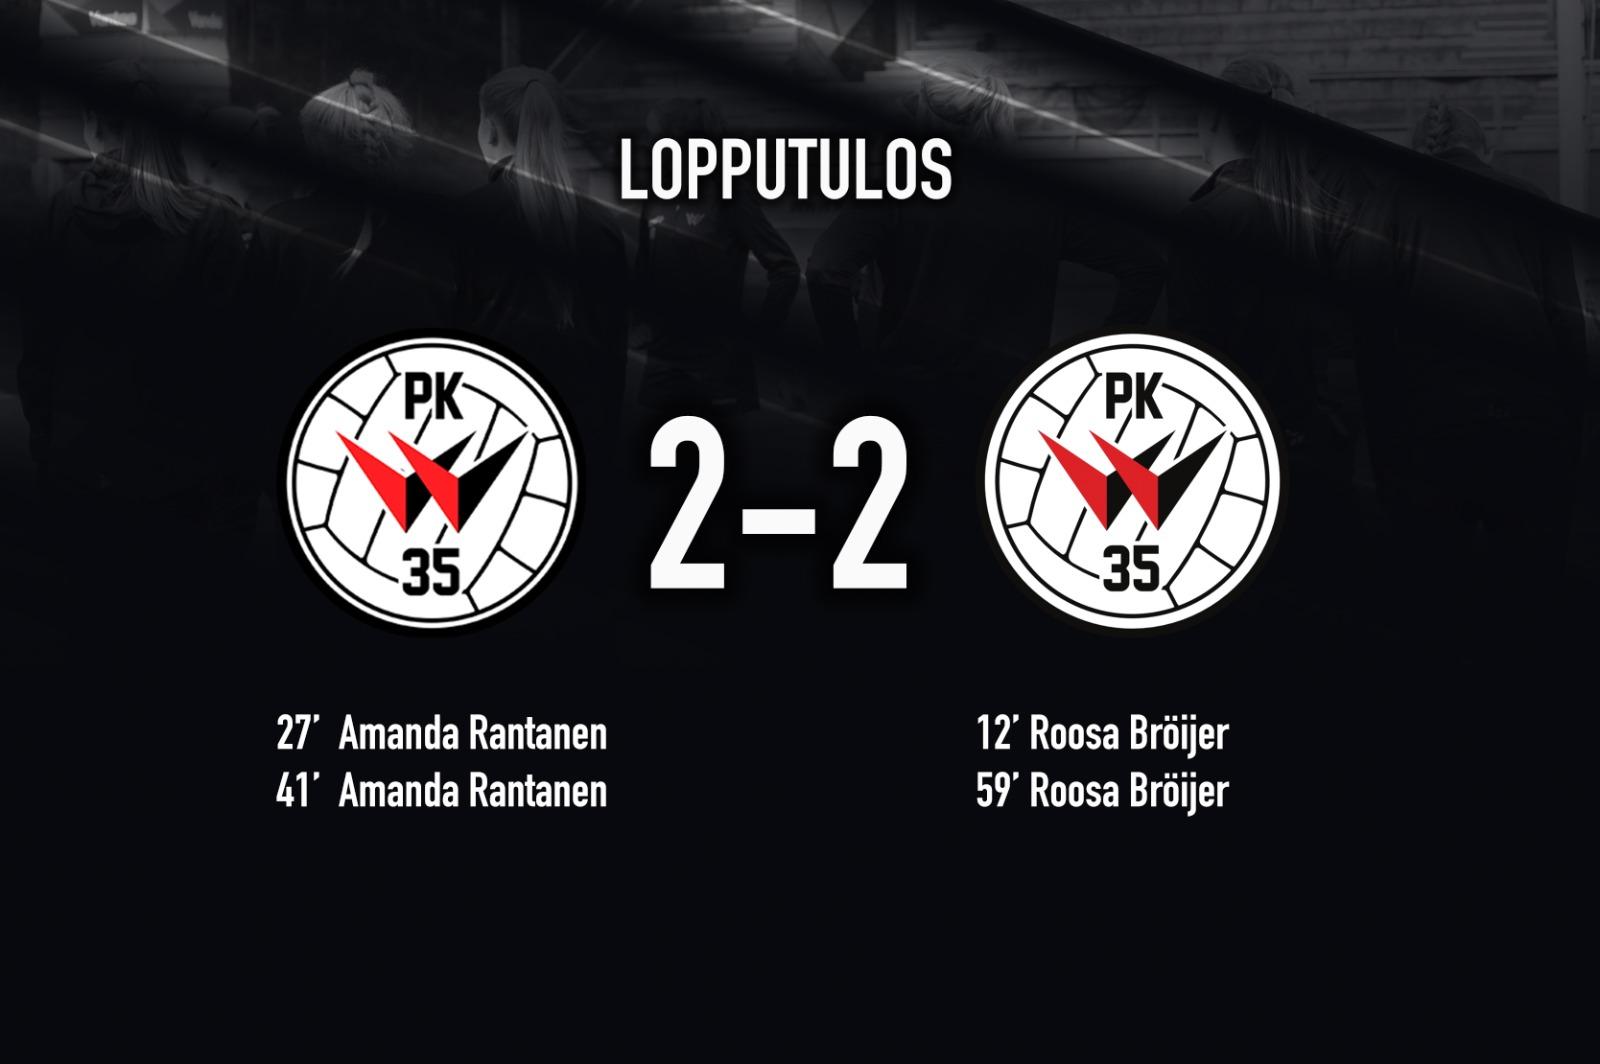 Pallokerho 35 – PK 35 Vantaa 2 2, Kansallinen Liiga 3.6.2021